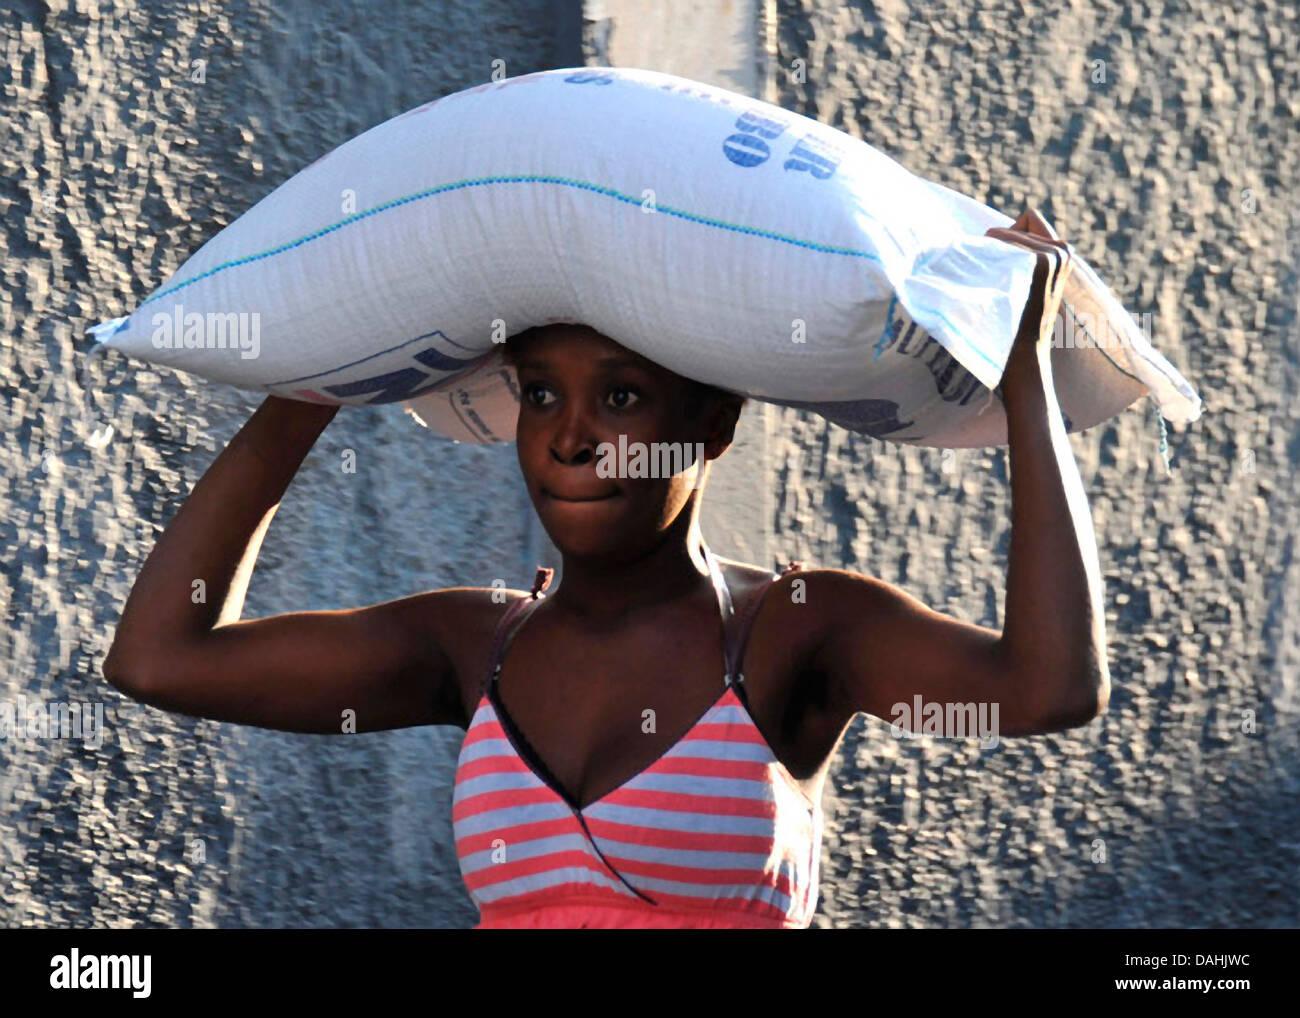 Una mujer haitiana lleva una bolsa de 55 libras de arroz distribuido por la Organización Mundial de la salud Imagen De Stock